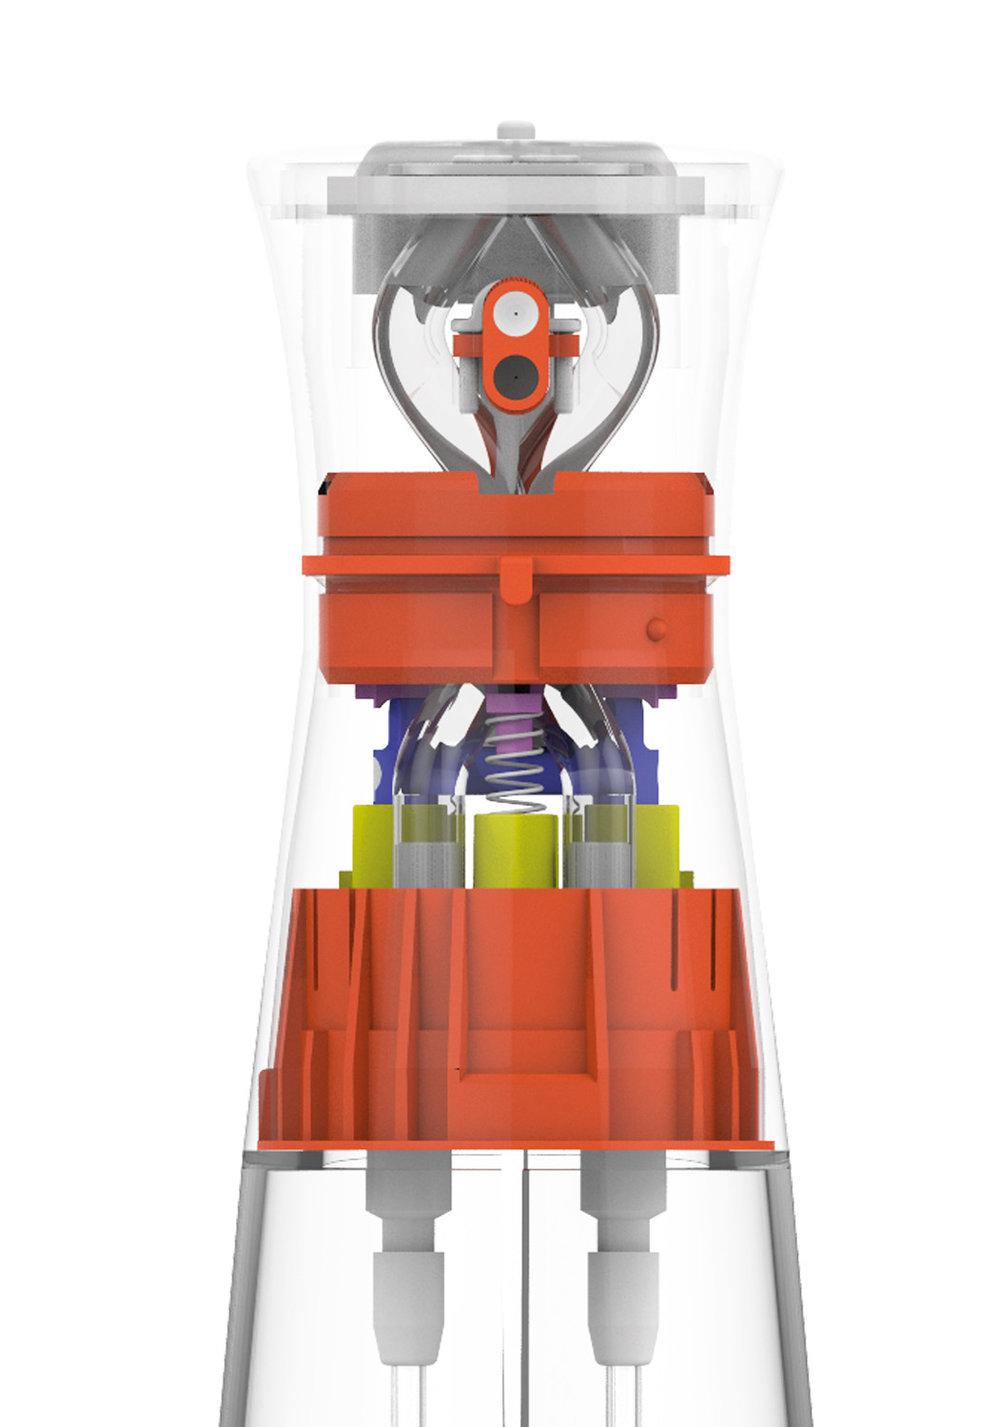 IngéniÈrie hors pair - Simple d'utilisation, le Spray 2.0 n'en est pas pour autant un produit simple à developper. L'espace dédié et la construction de la partie mécanique ont été optimisés au maximum. Preuve en est…• Red Dot Design Award 2017• European Design Award 2018